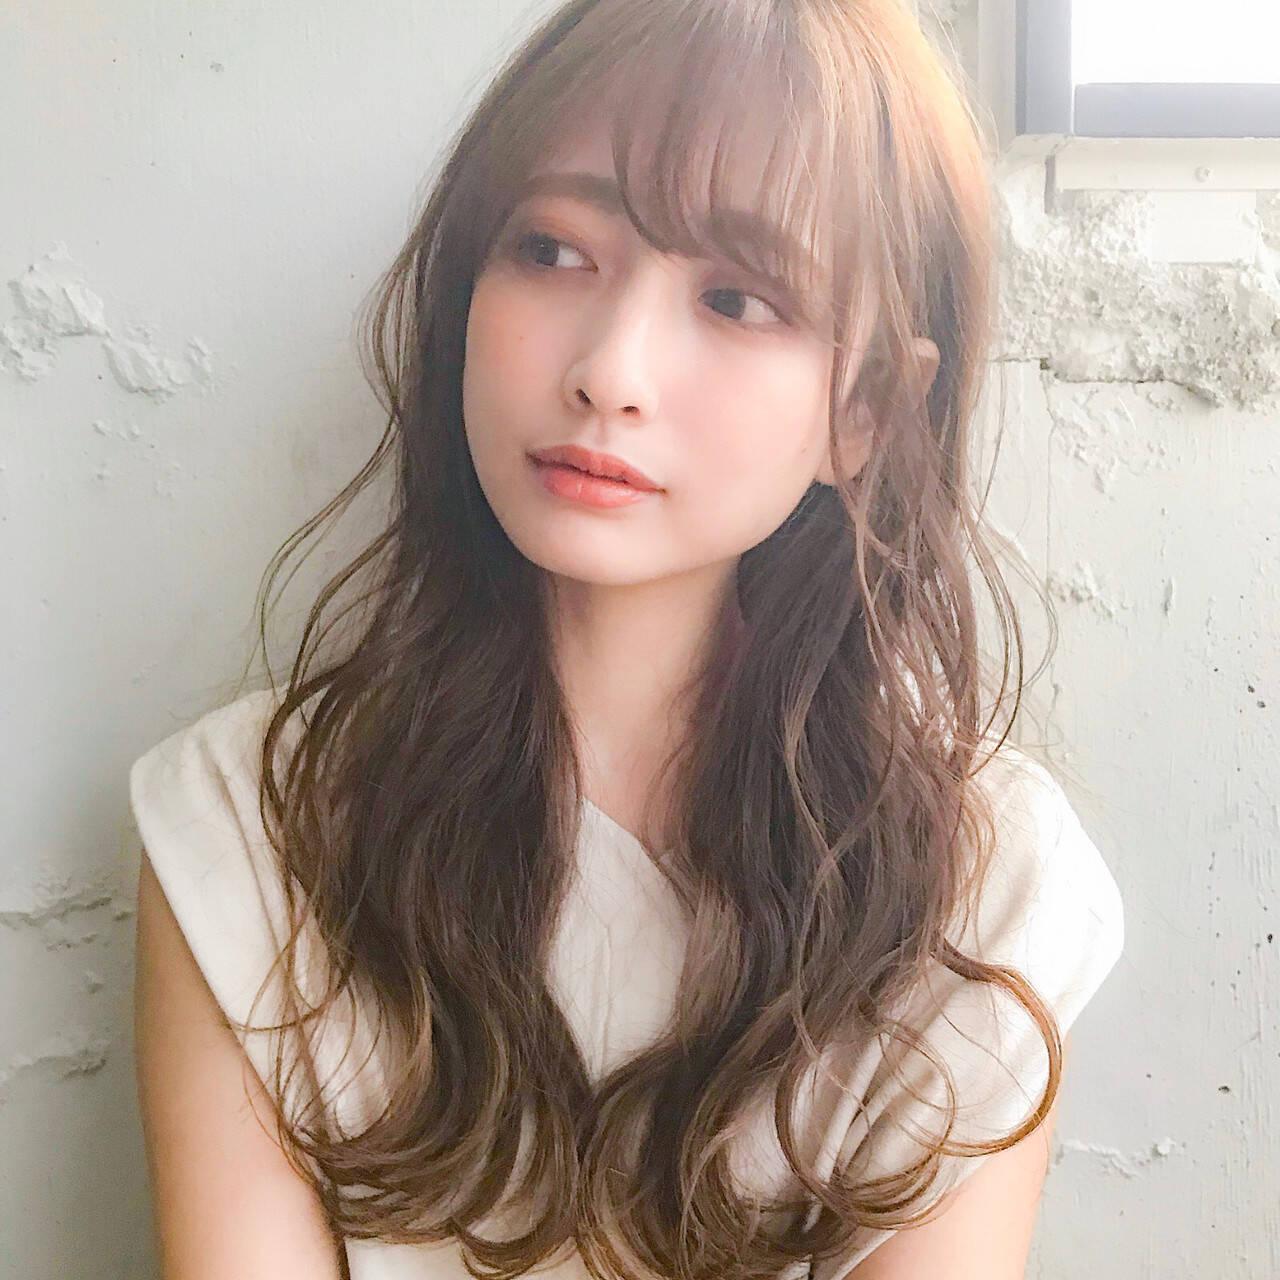 巻き髪 ゆるふわパーマ シースルーバング セミロングヘアスタイルや髪型の写真・画像